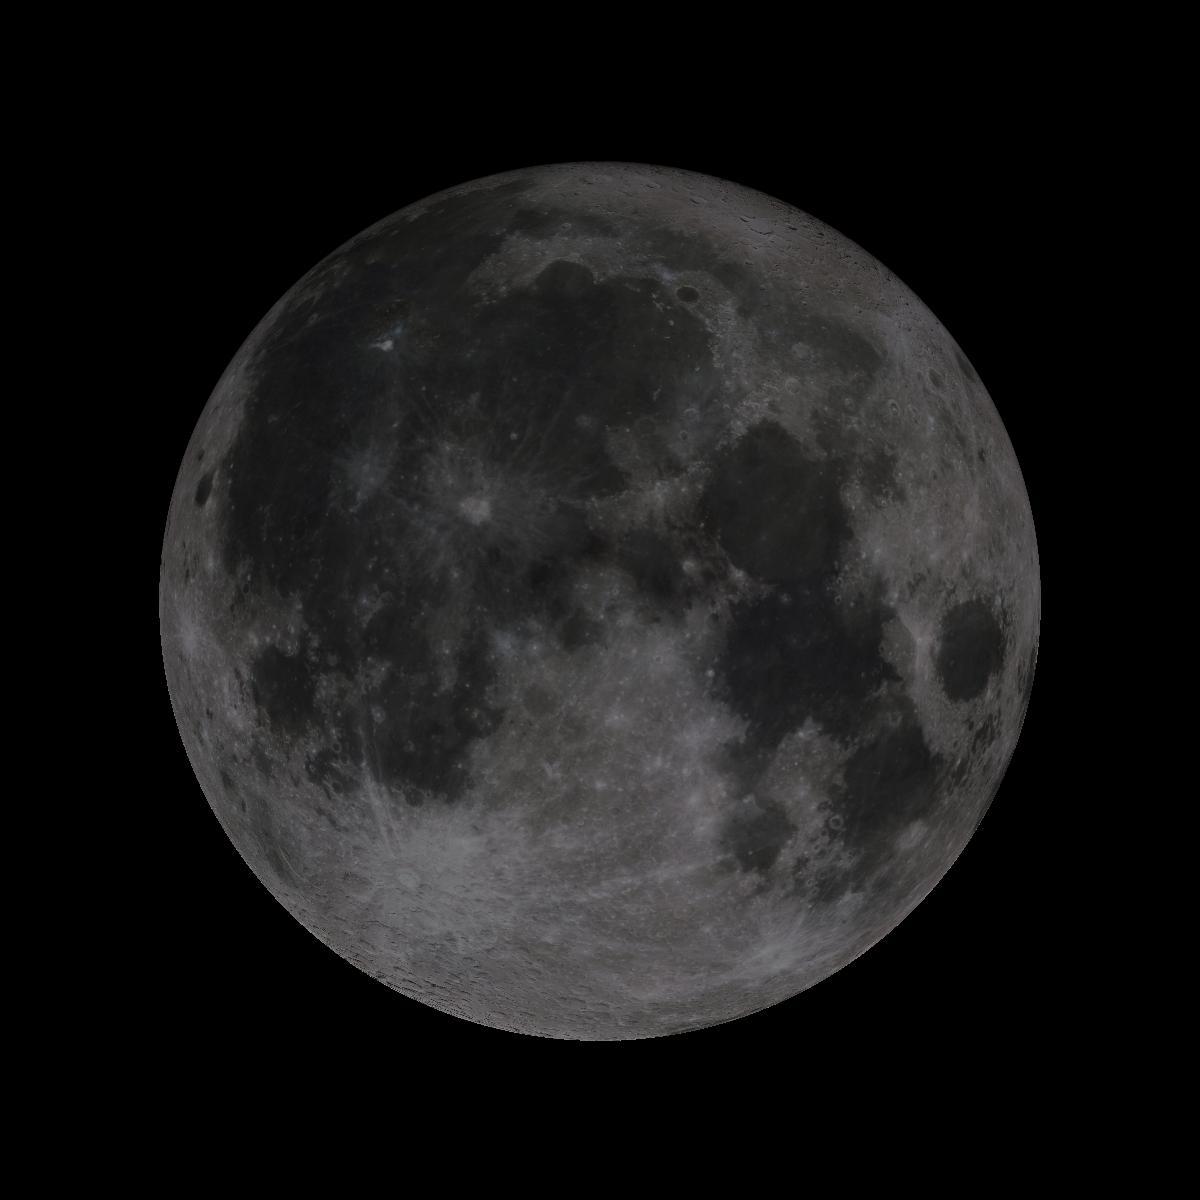 Lune du 14 septembre 2019